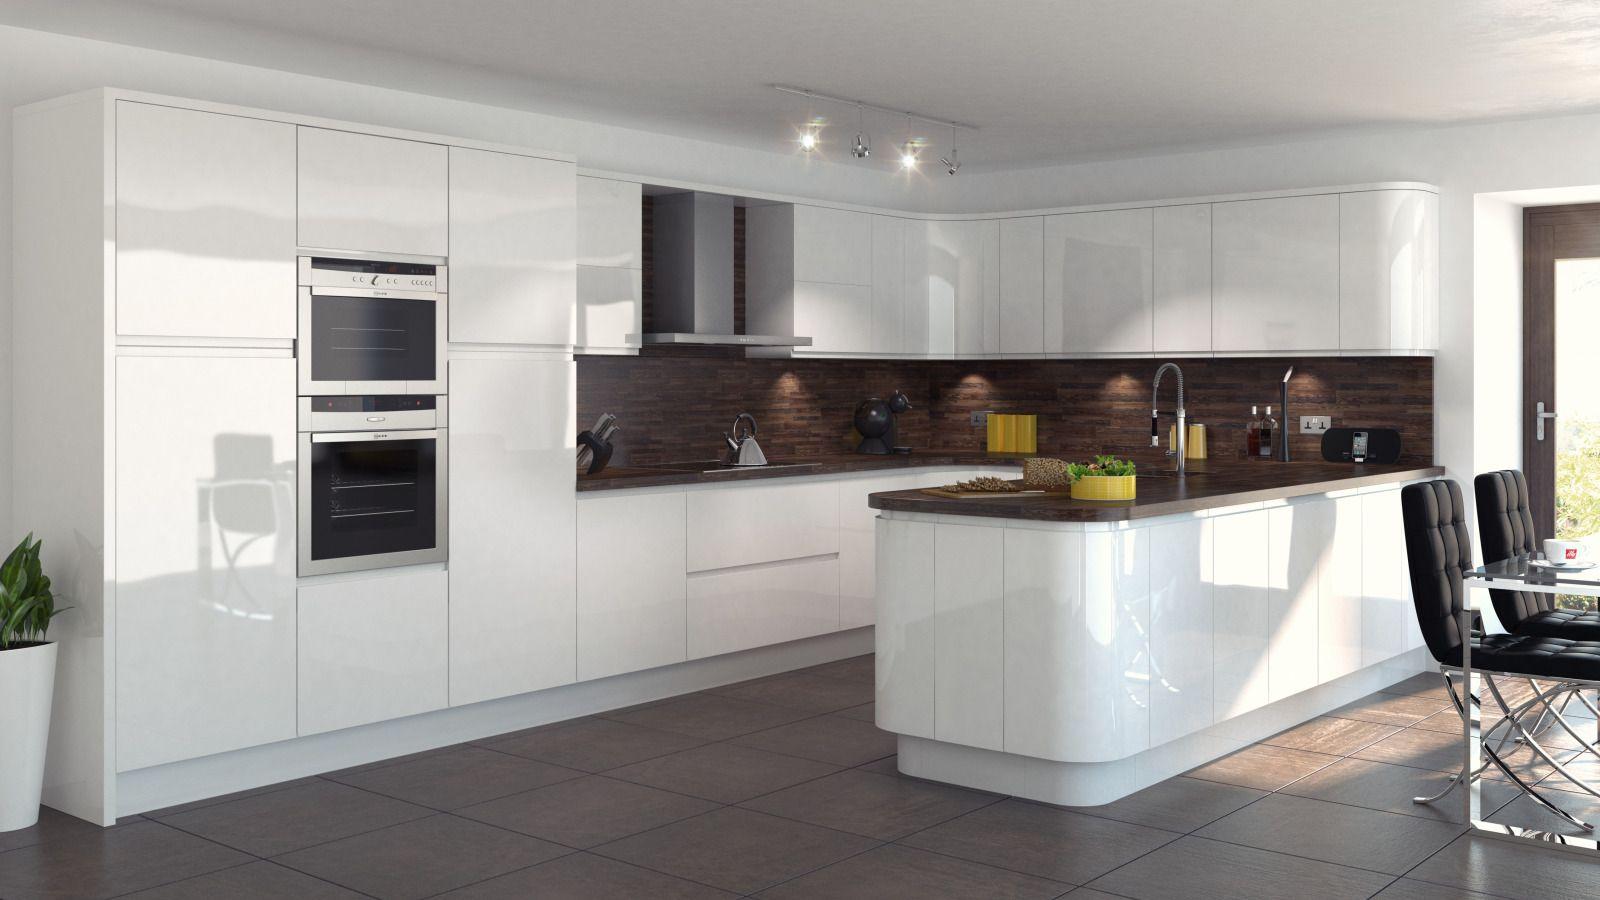 integral gloss white  mackintosh modern kitchens  omega